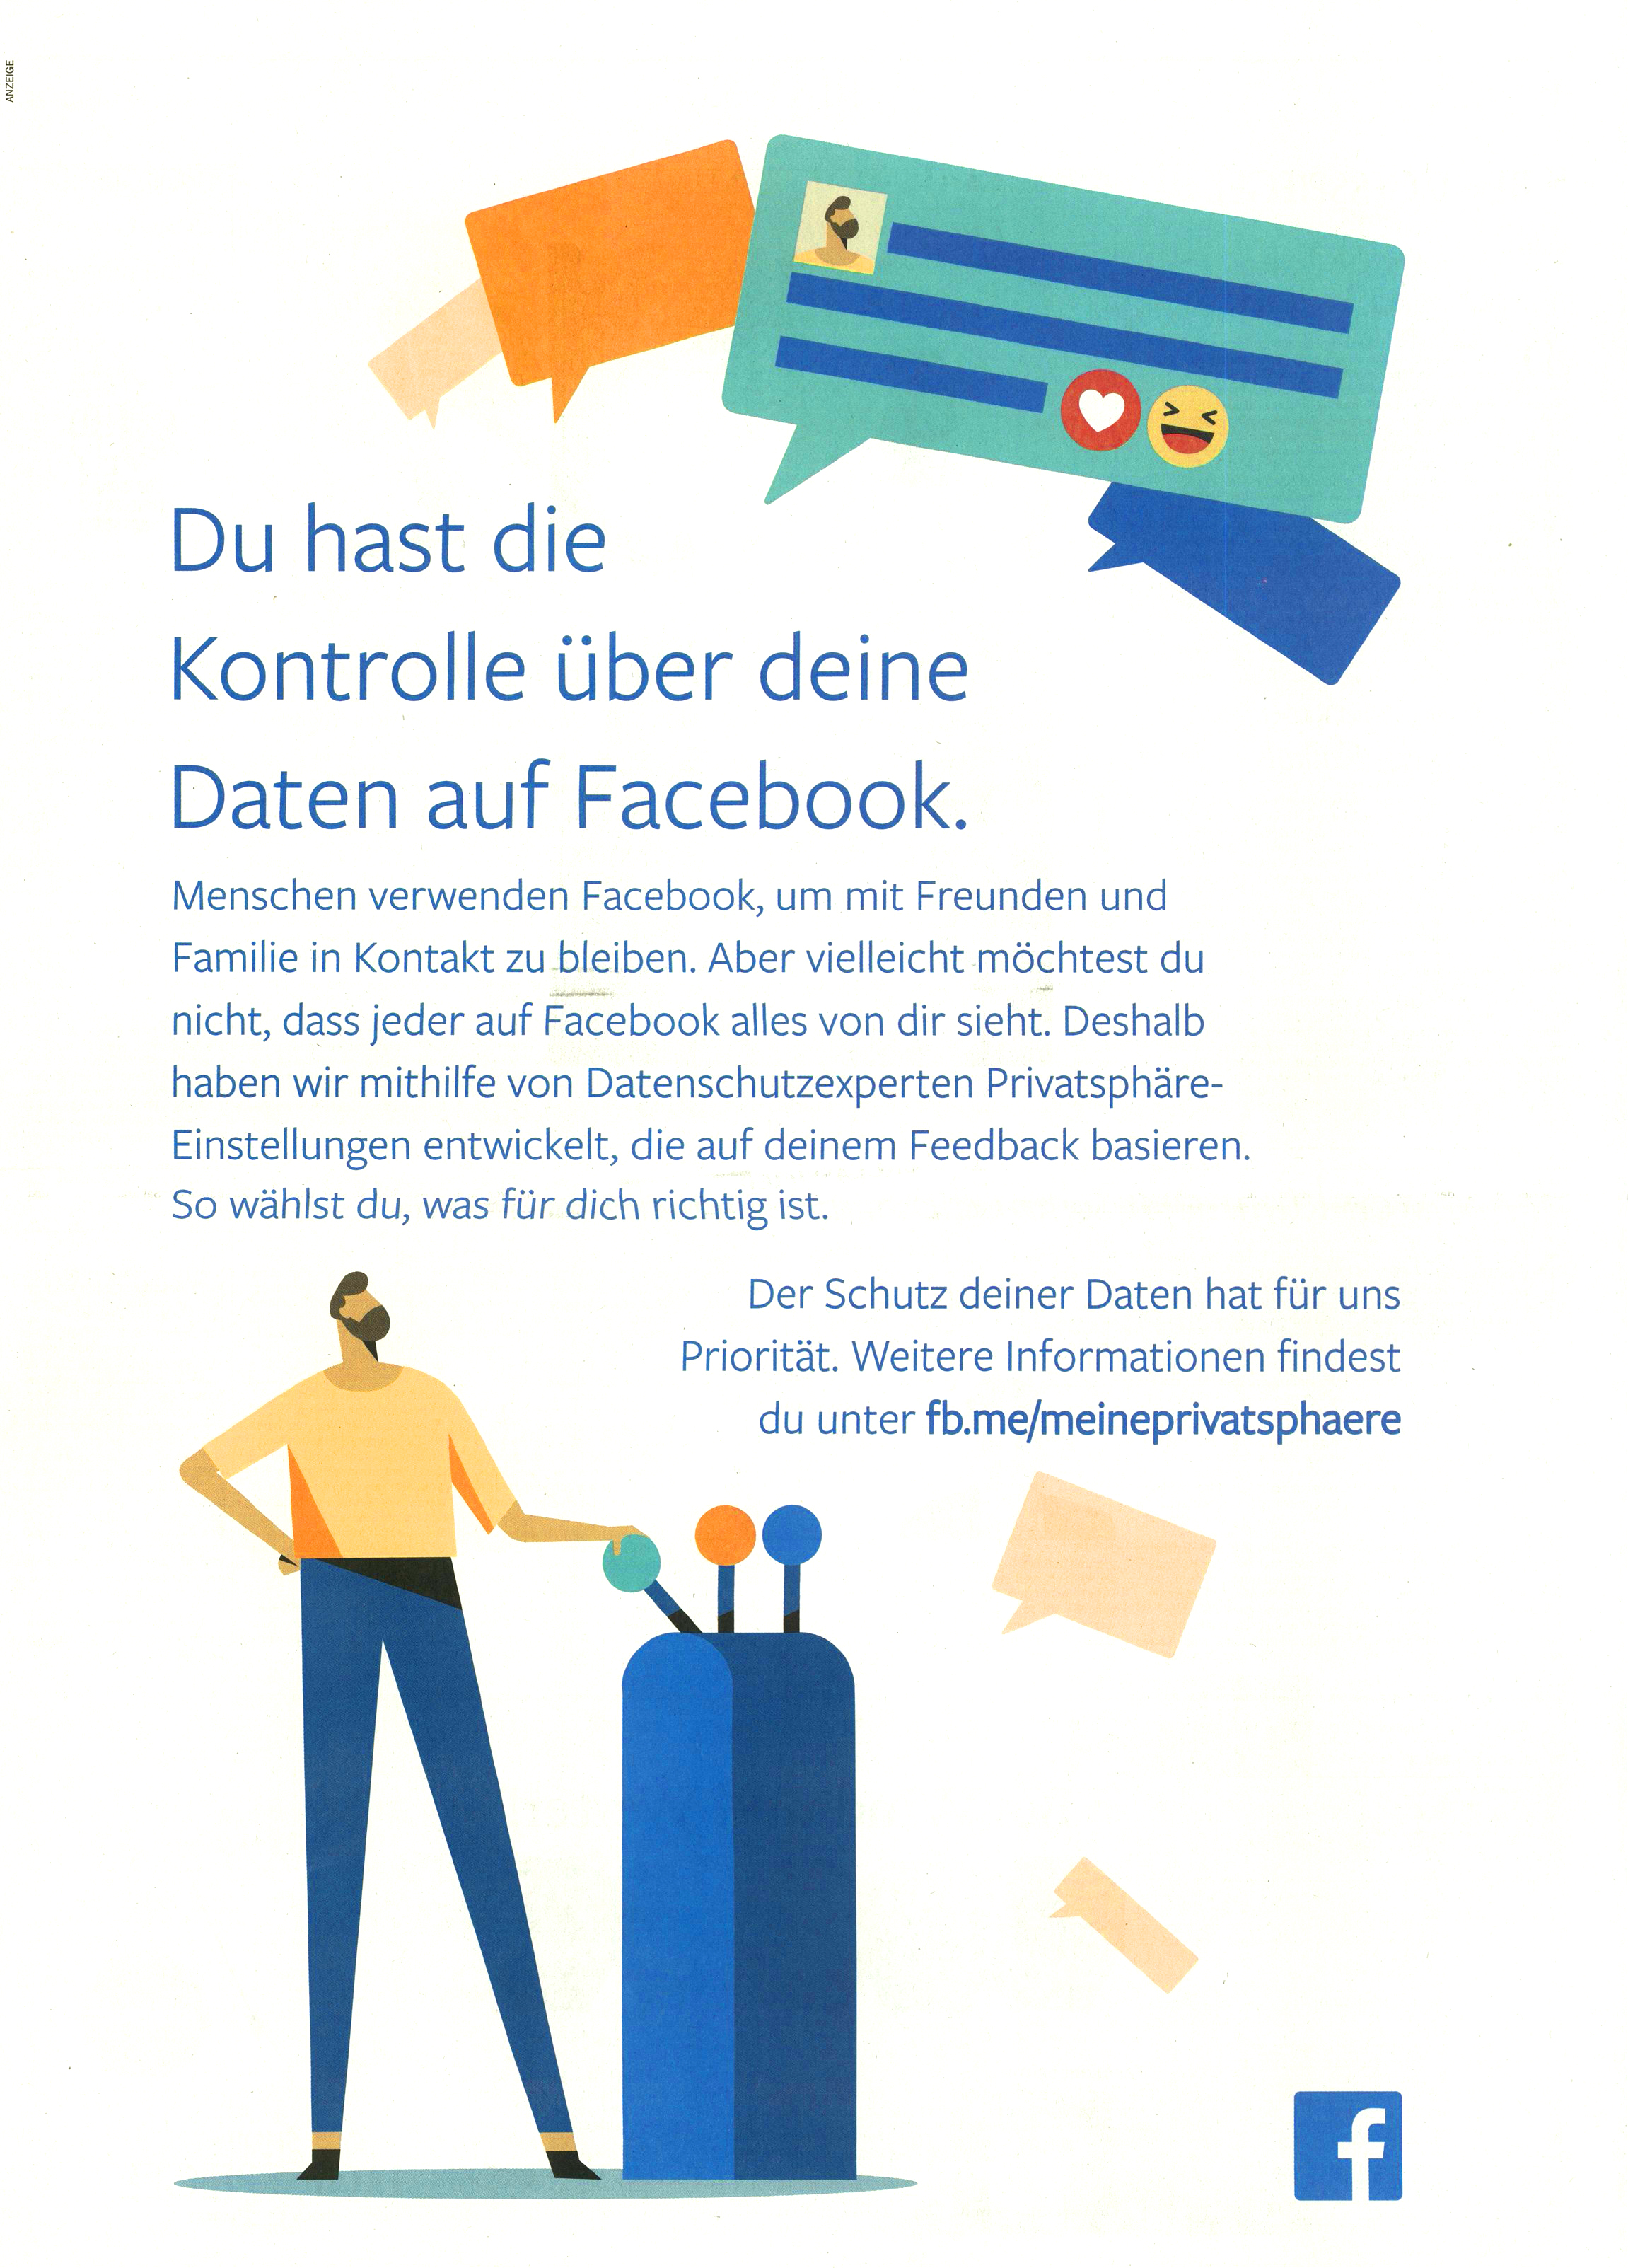 Facebook - Du hast die Kontrolle über deine Daten